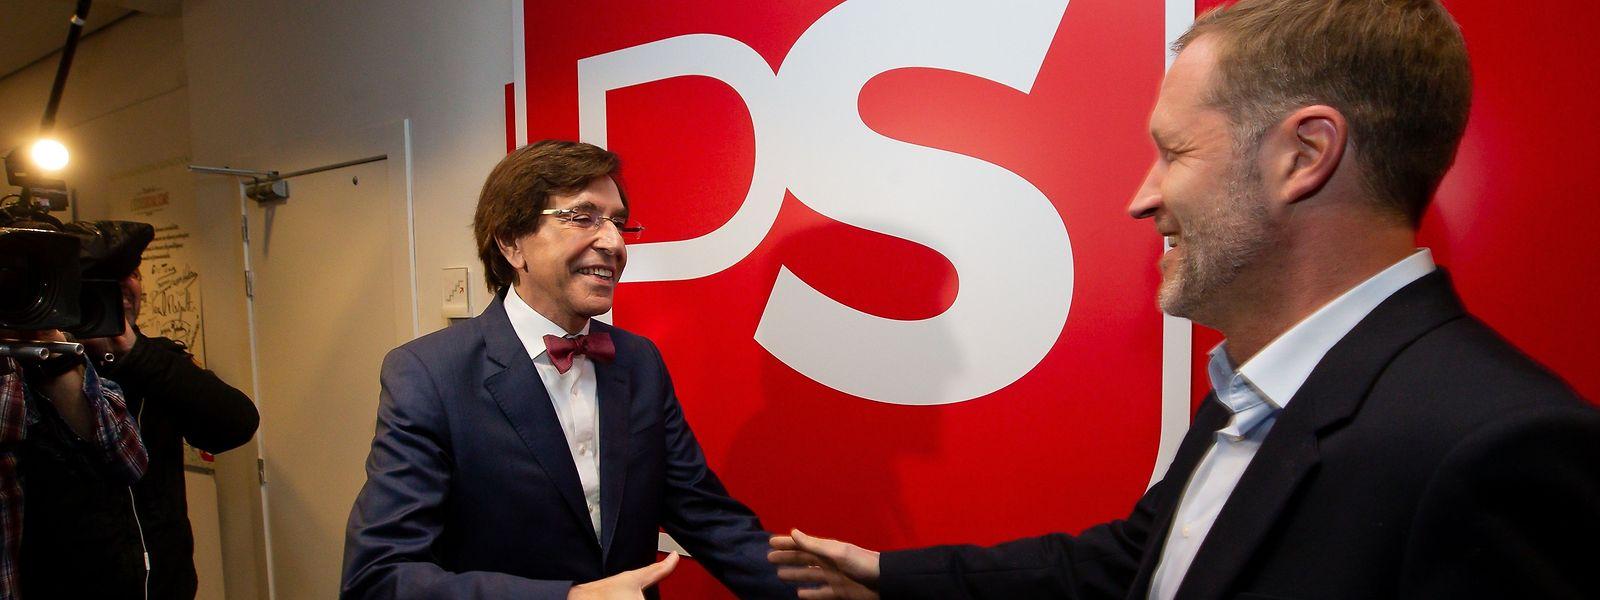 Paul Magnette président du PS et son prédécesseur Elio Di Rupo ont de plus en plus de mal à comprendre le discours de la N-VA.